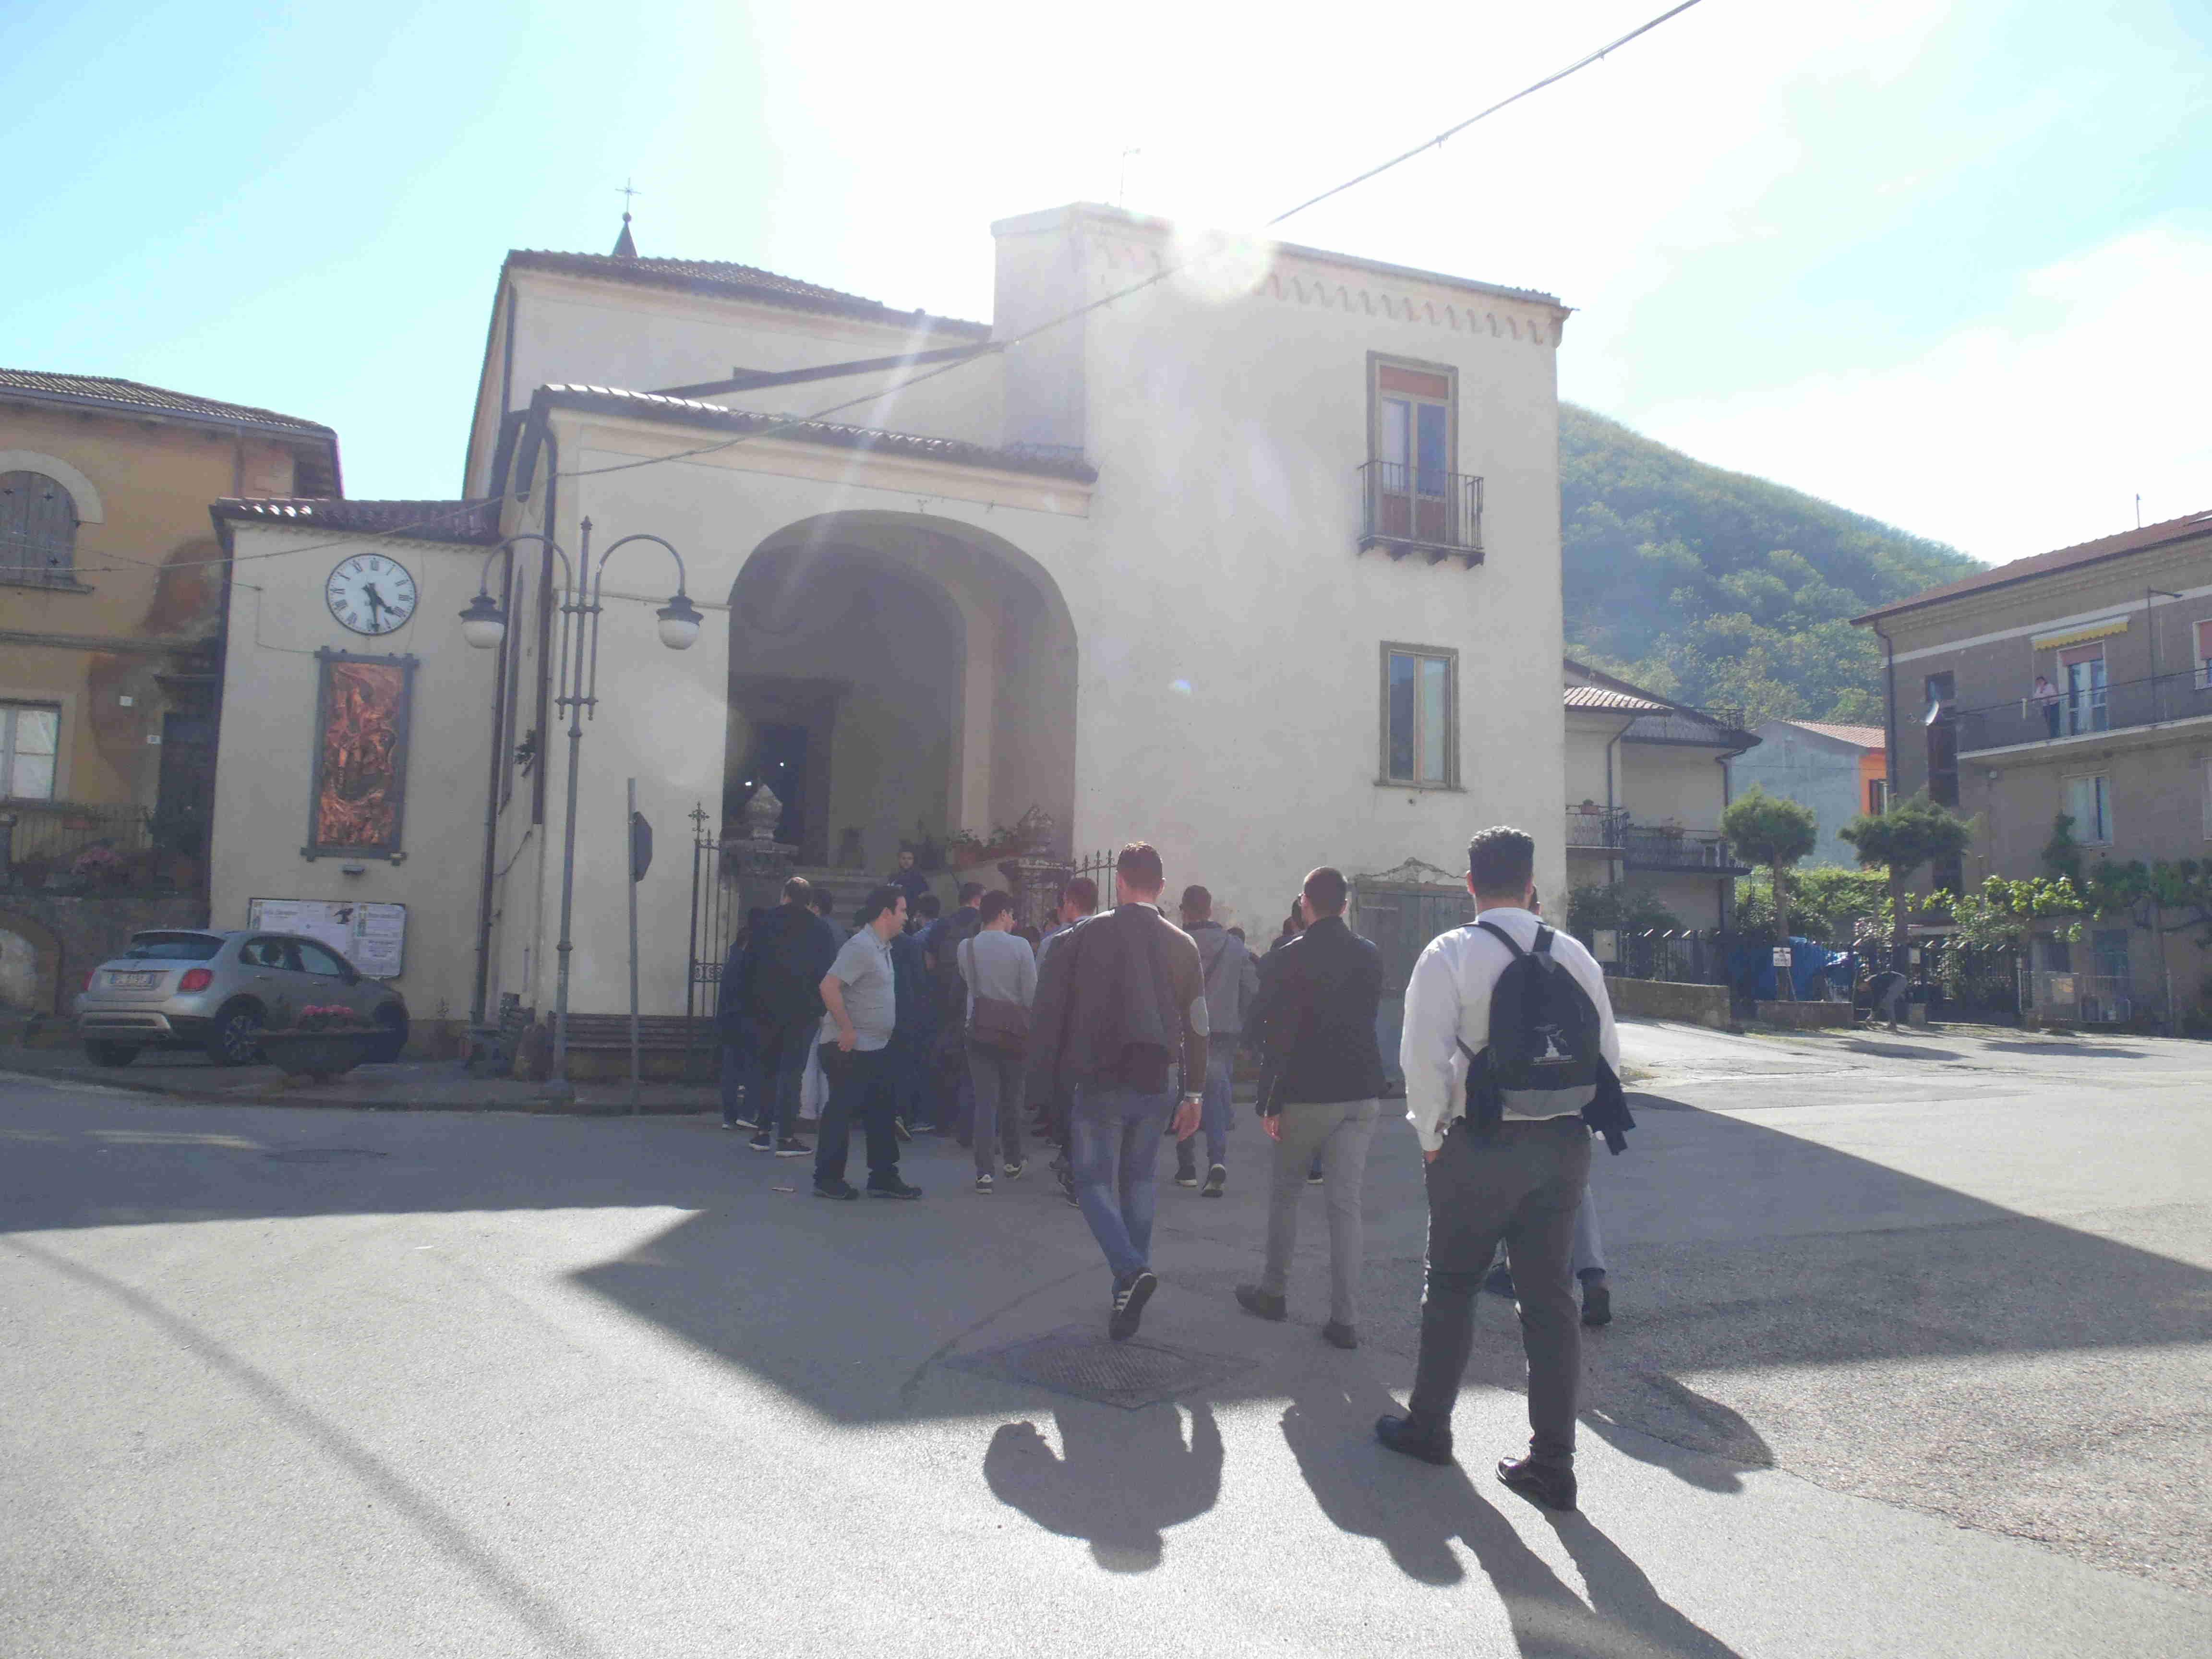 Pellegrinaggio Mariano 18-5-2018 (7)